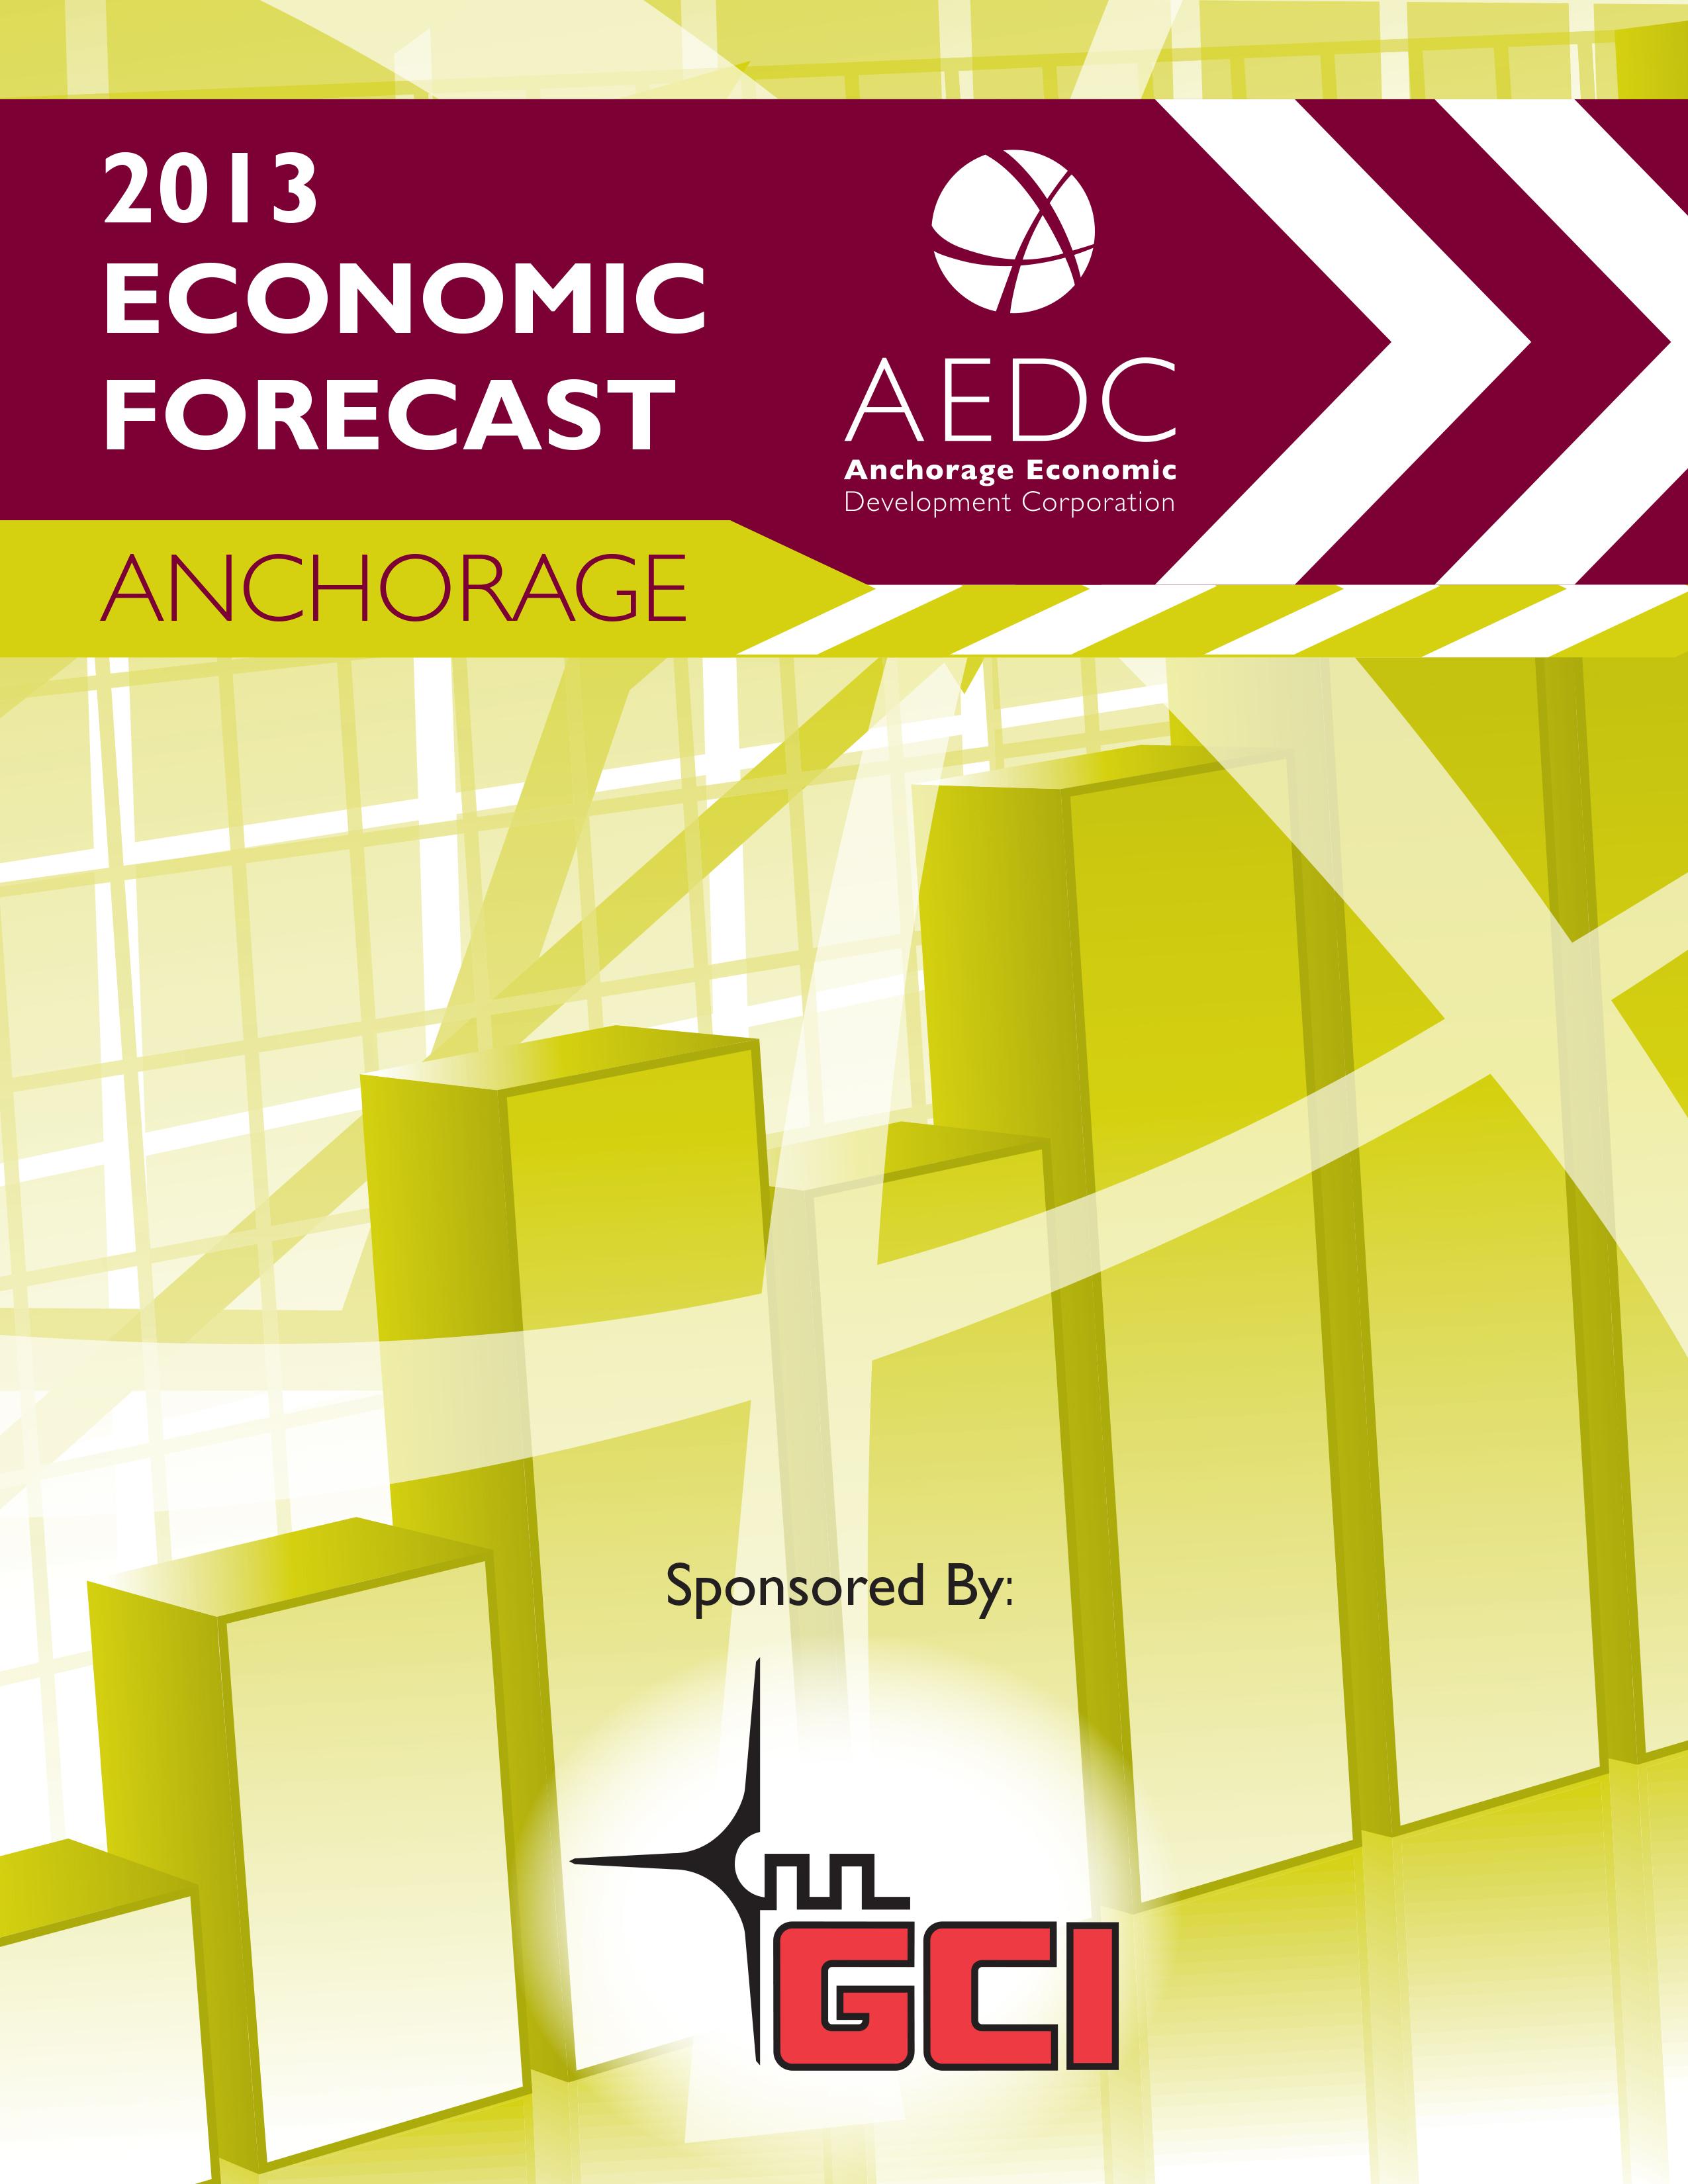 AEDC Economic Forecast Report: 2013